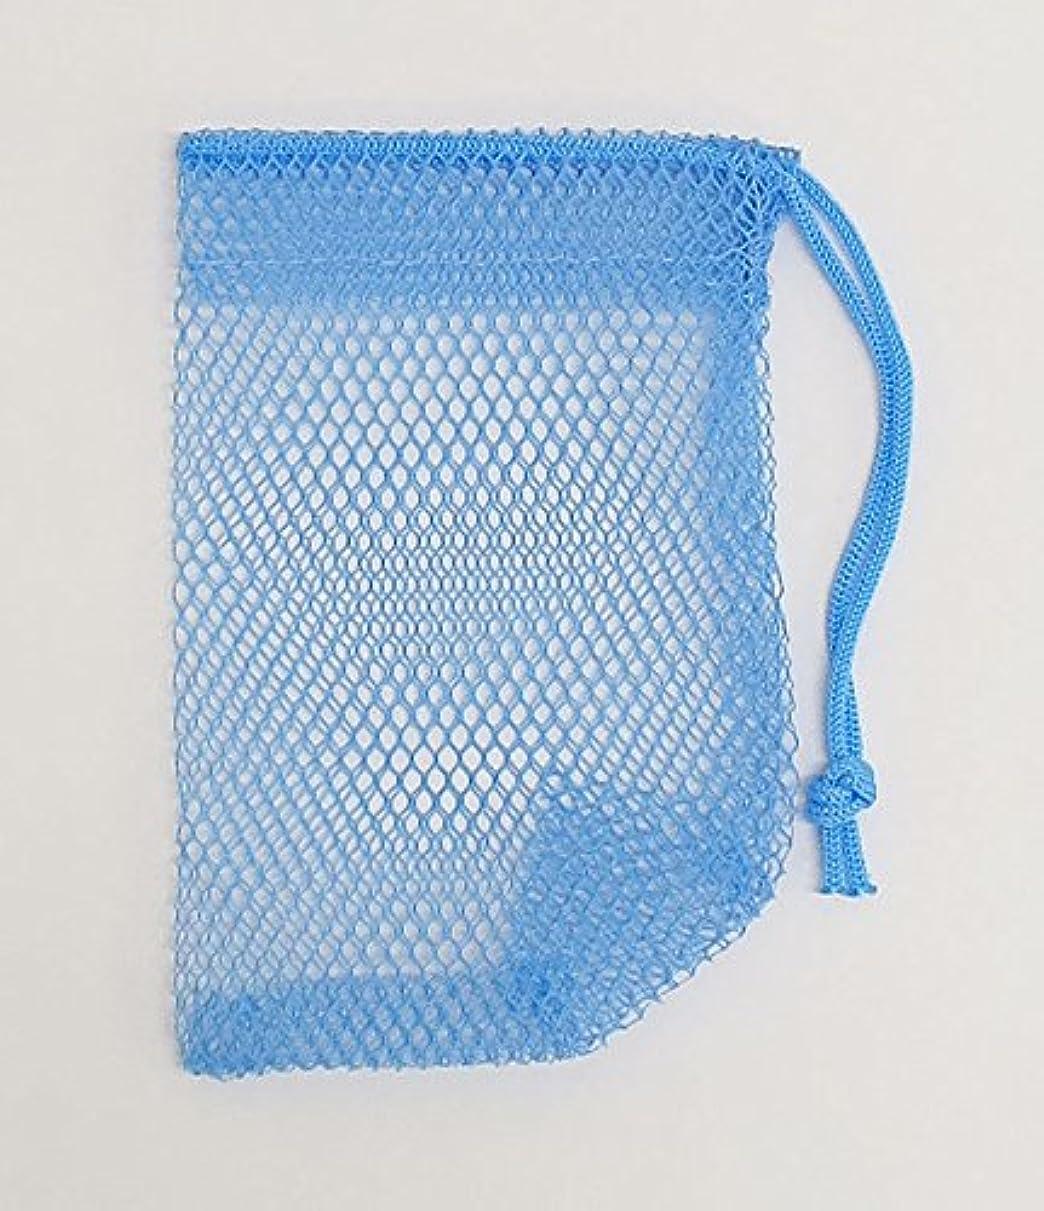 くしゃくしゃ酸化する禁止石けんネット ひもタイプ 20枚組 ブルー